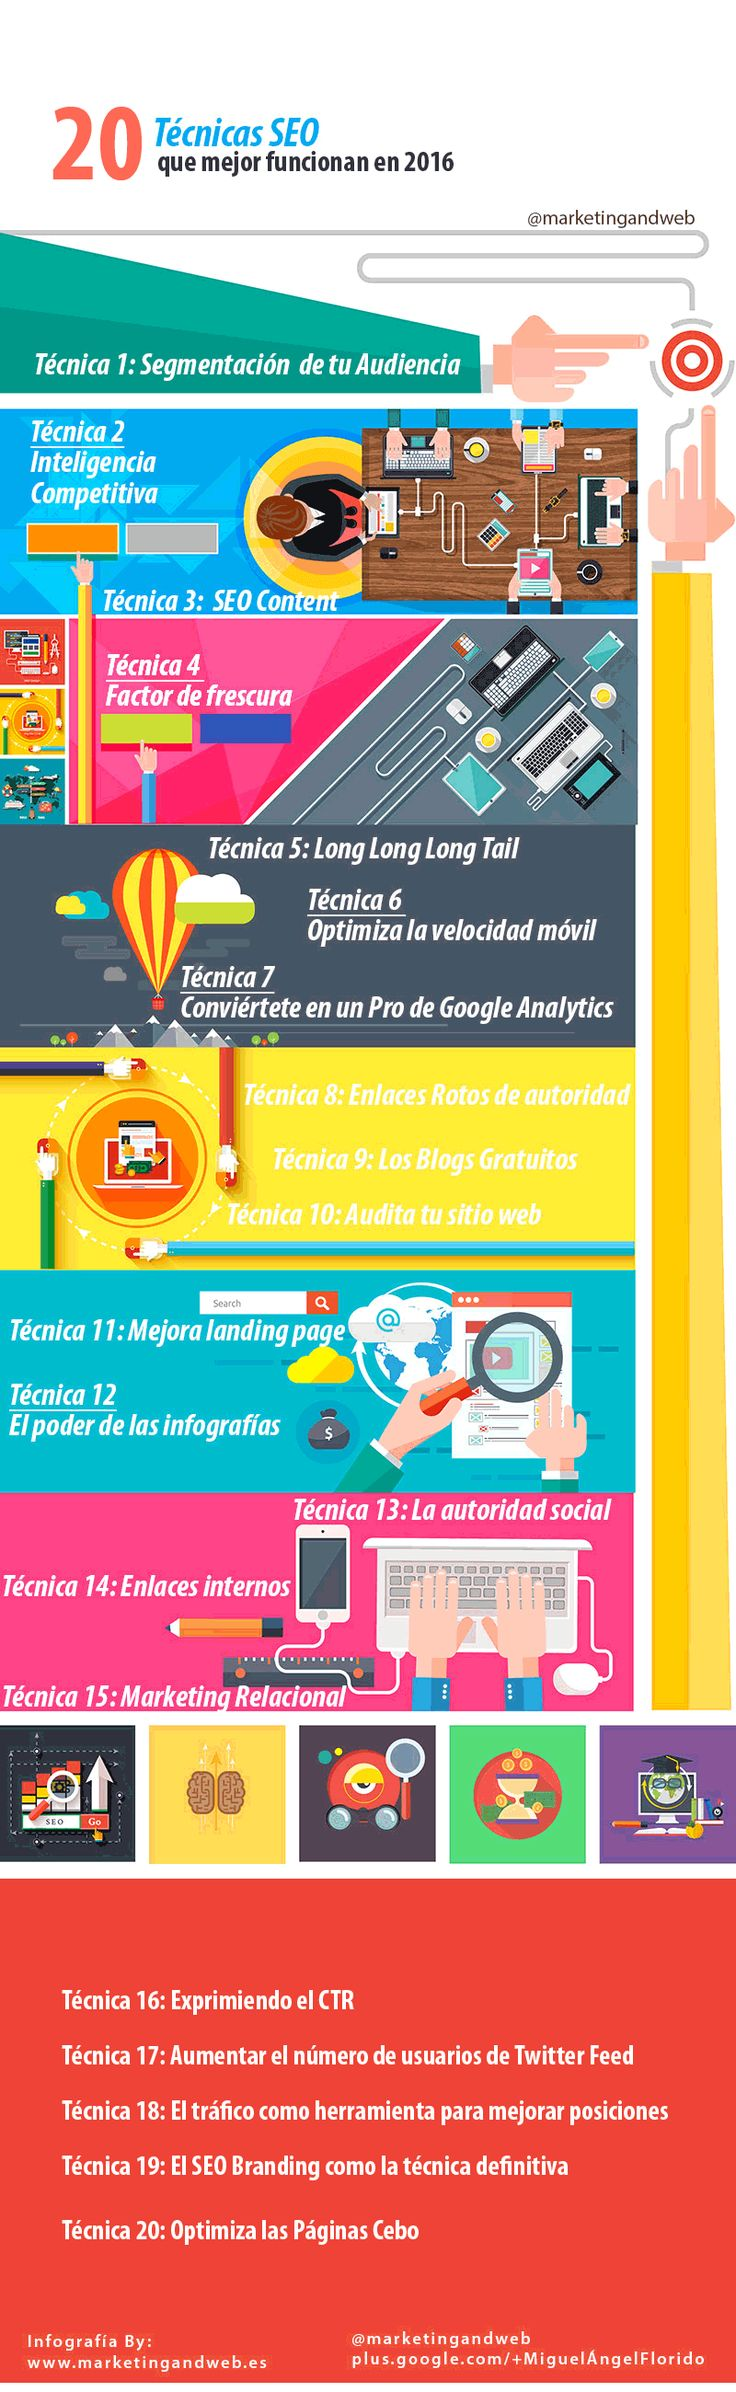 técnicas seo 2016 infografía